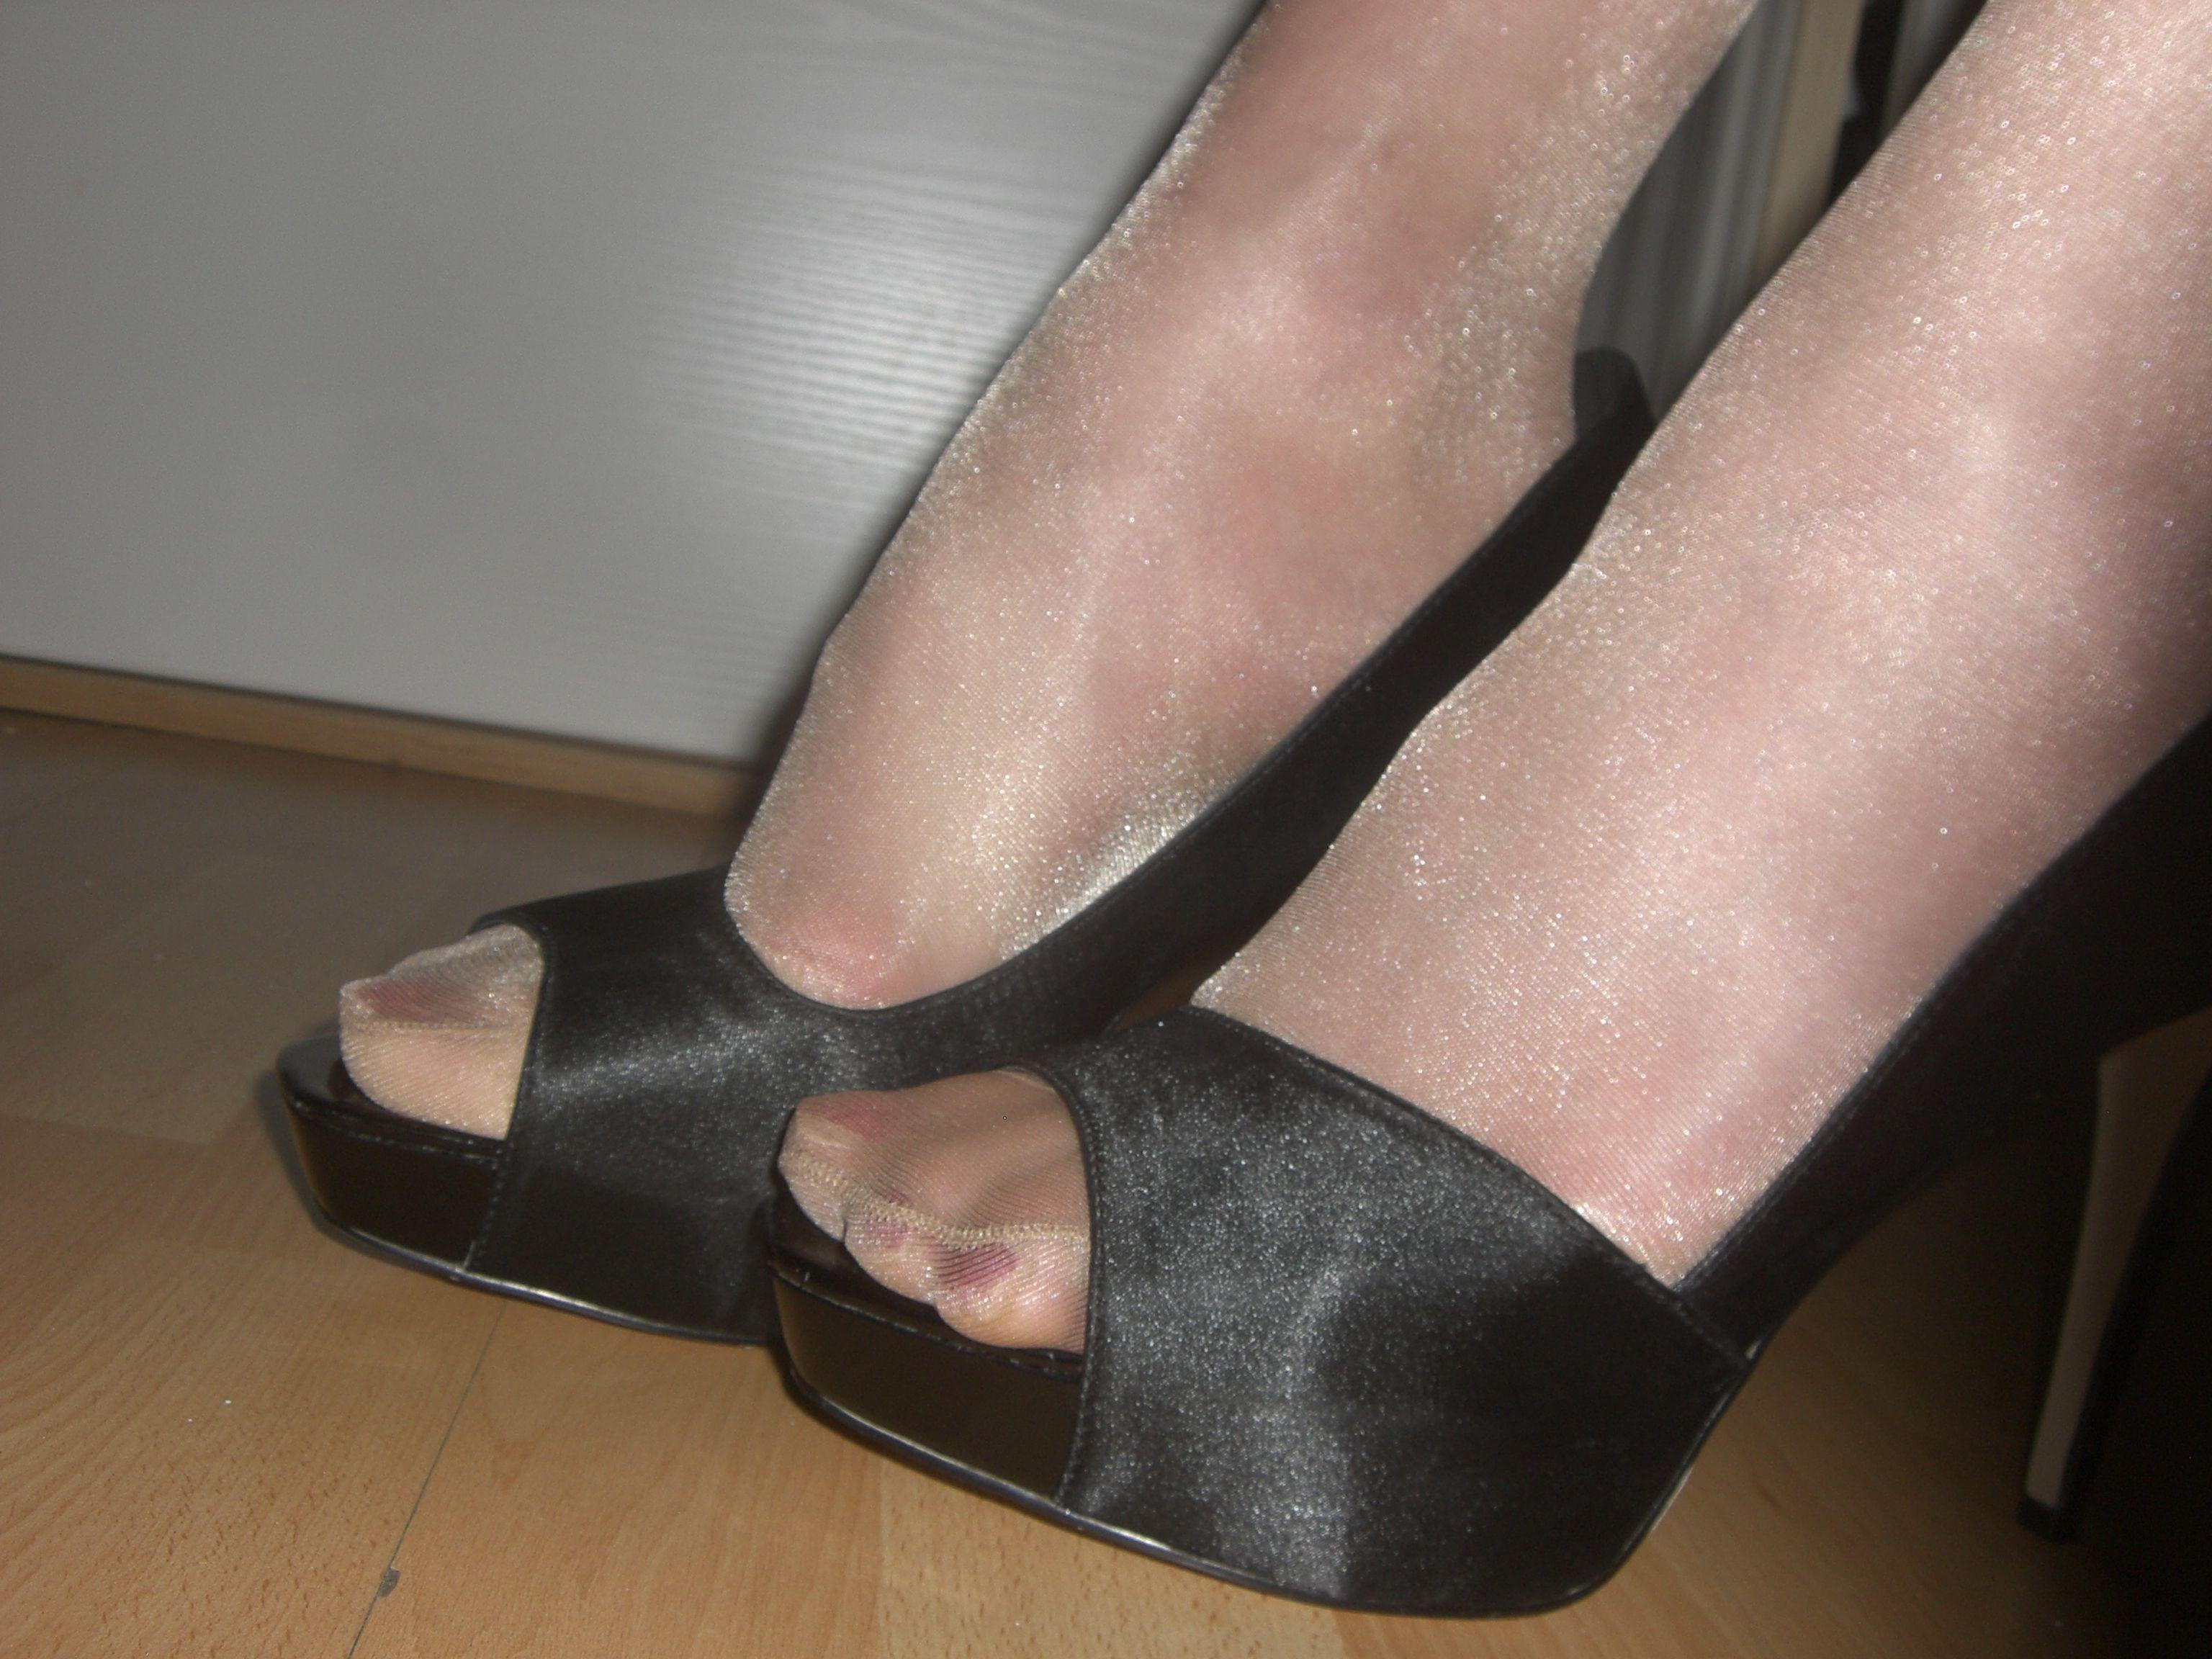 Pantyhose and high heel pics — img 6